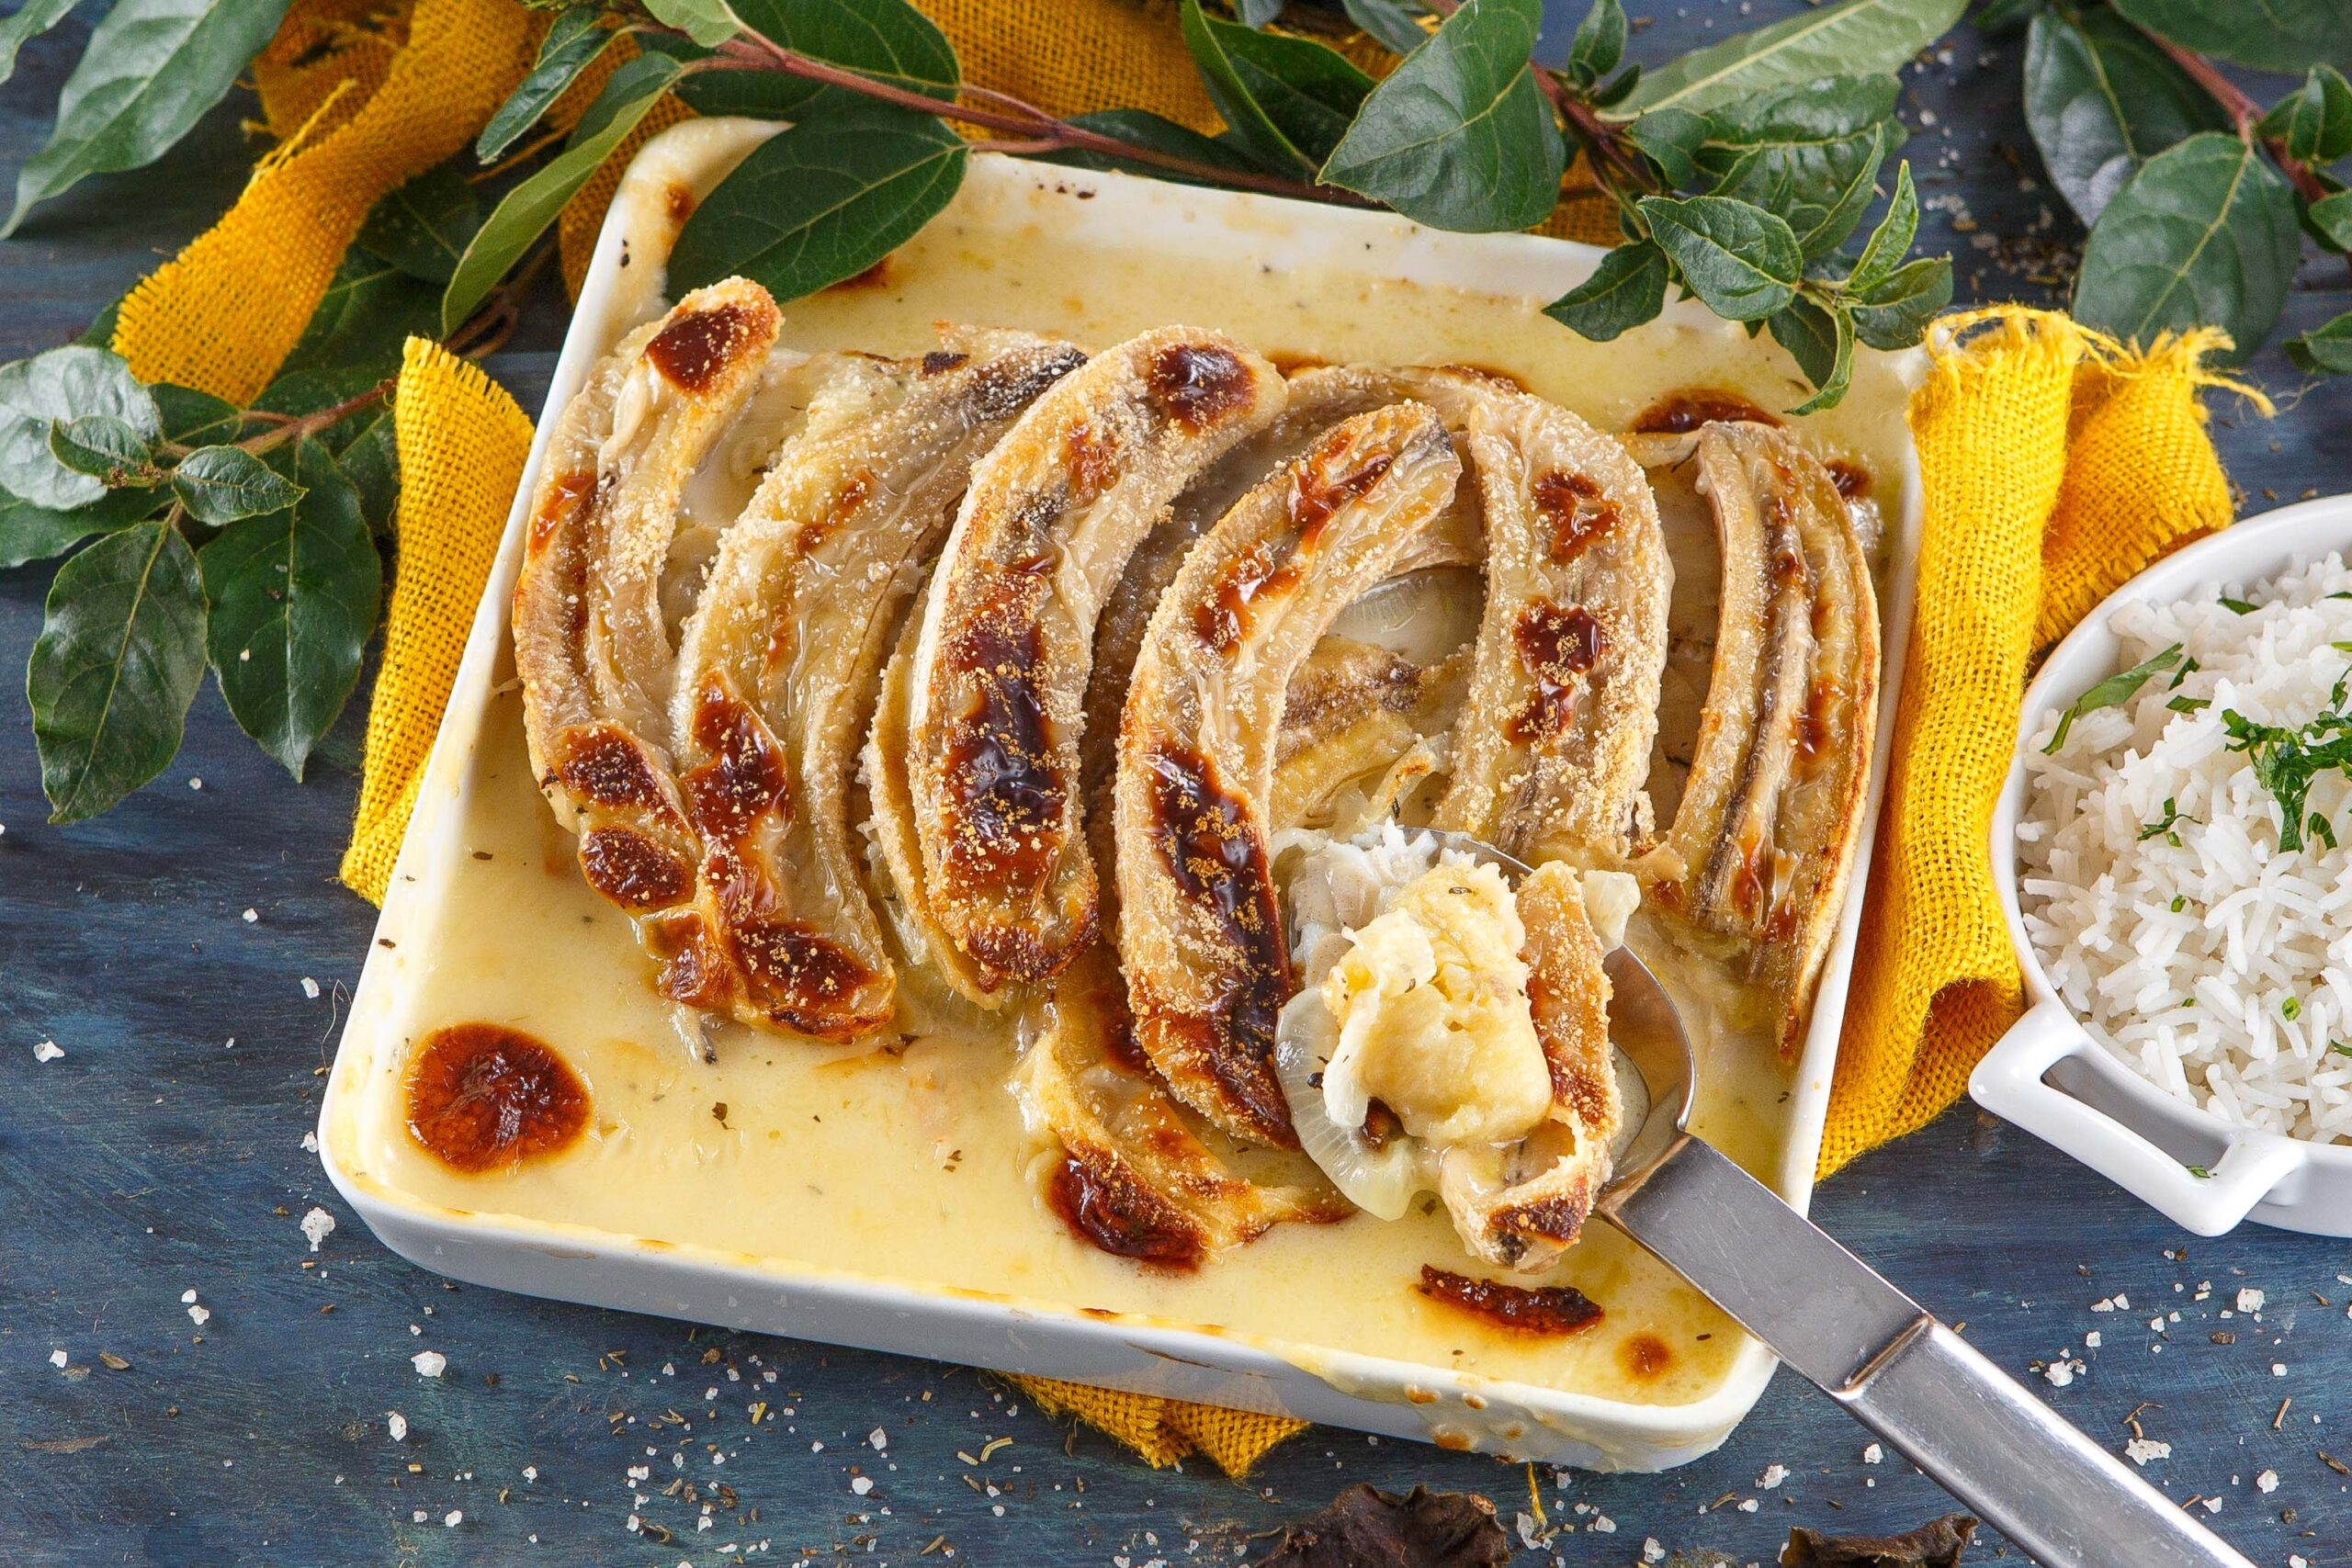 Filetes de peixe com banana no forno